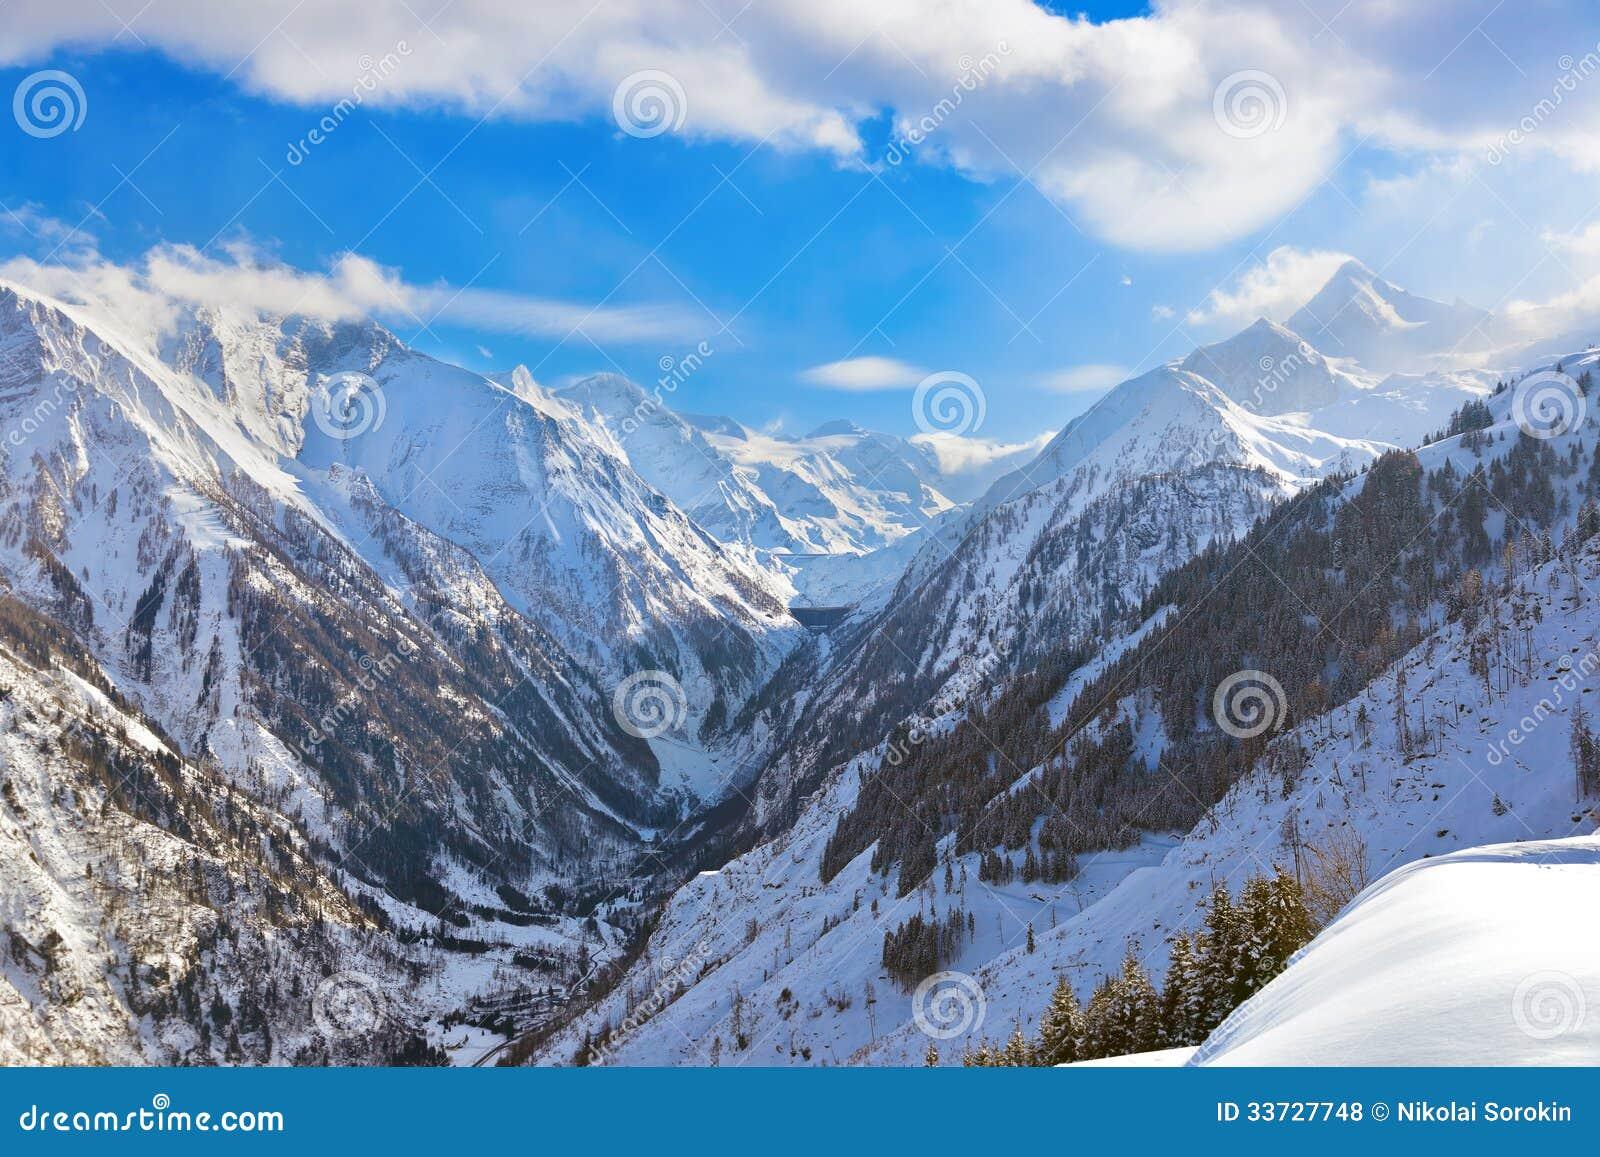 Лыжный курорт Kaprun гор Австрия